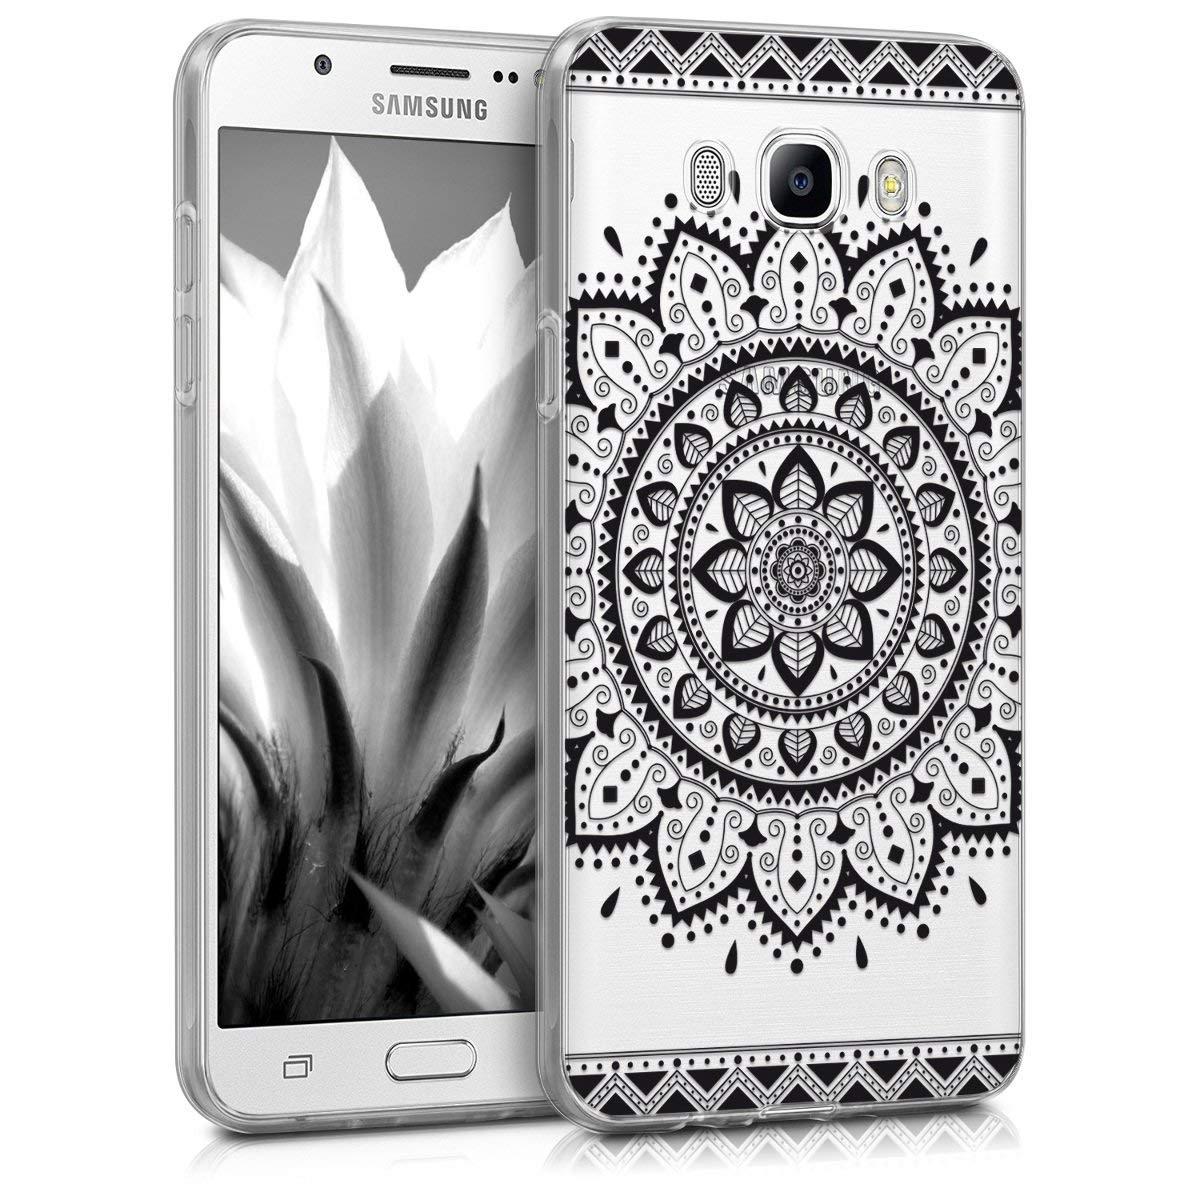 KW Διάφανη Θήκη Σιλικόνης Samsung Galaxy J7 2016 - Mexican Sunflower Design (40616.03)